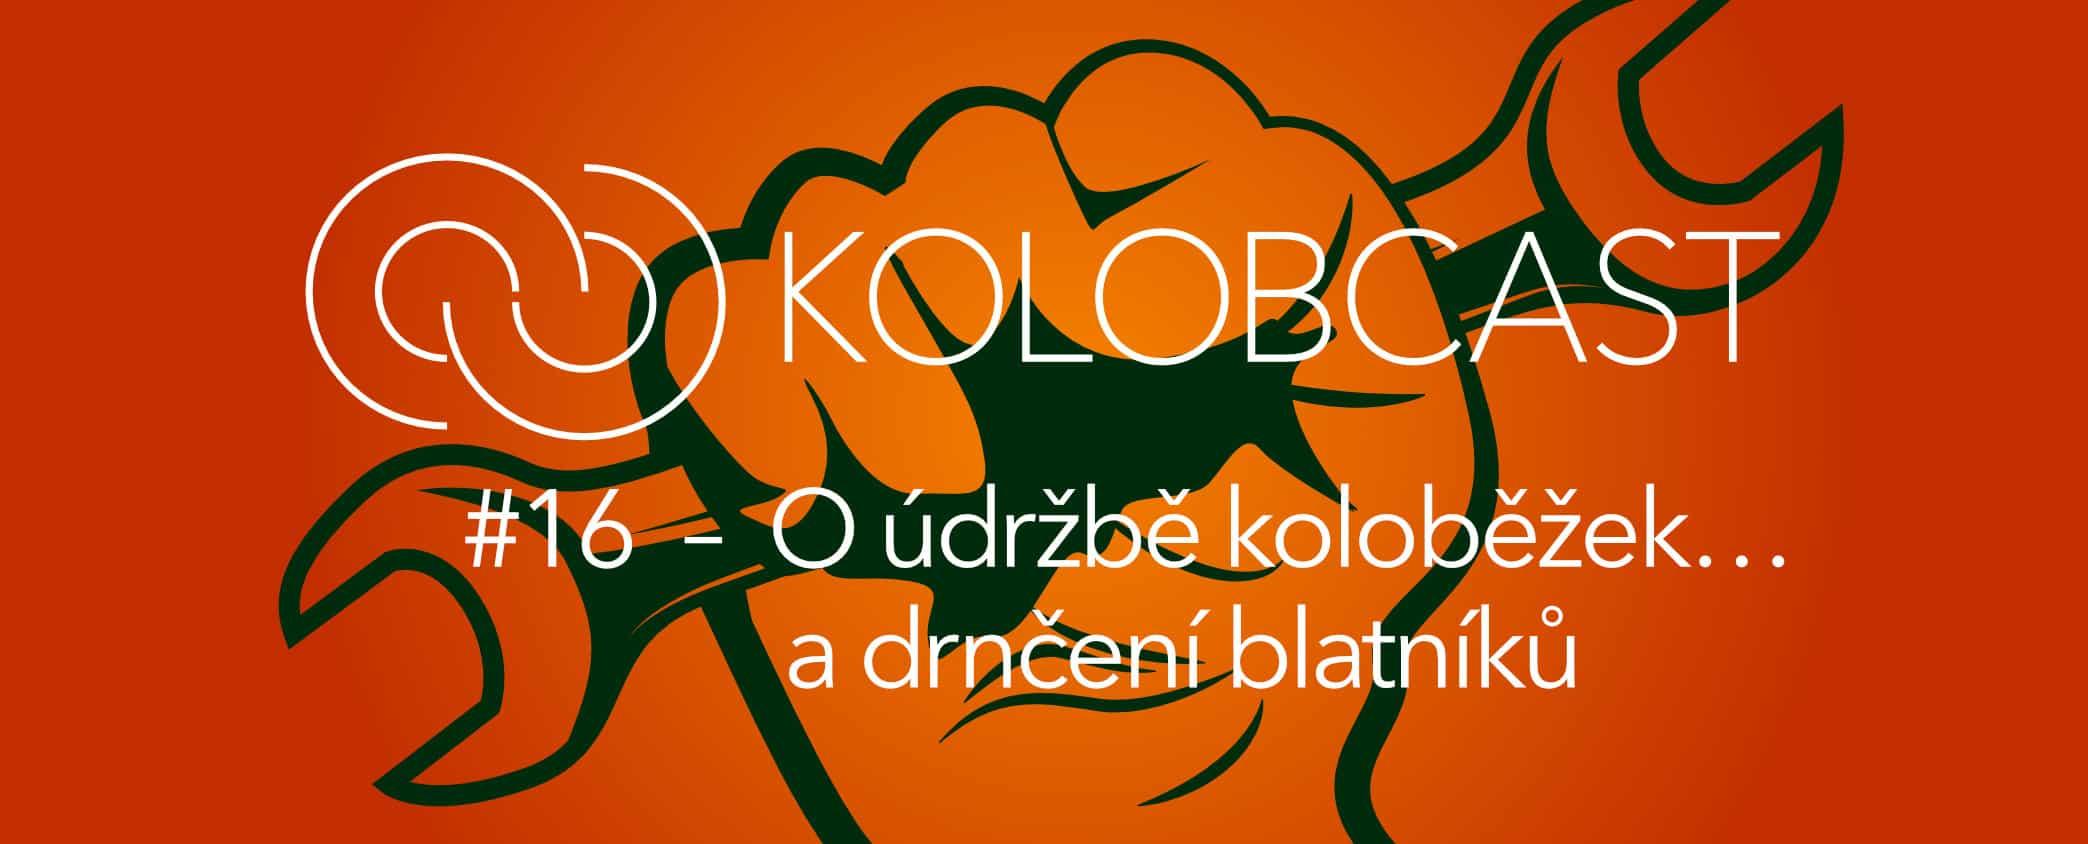 Kolobcast #16 – O údržbě koloběžek… a drnčení blatníků